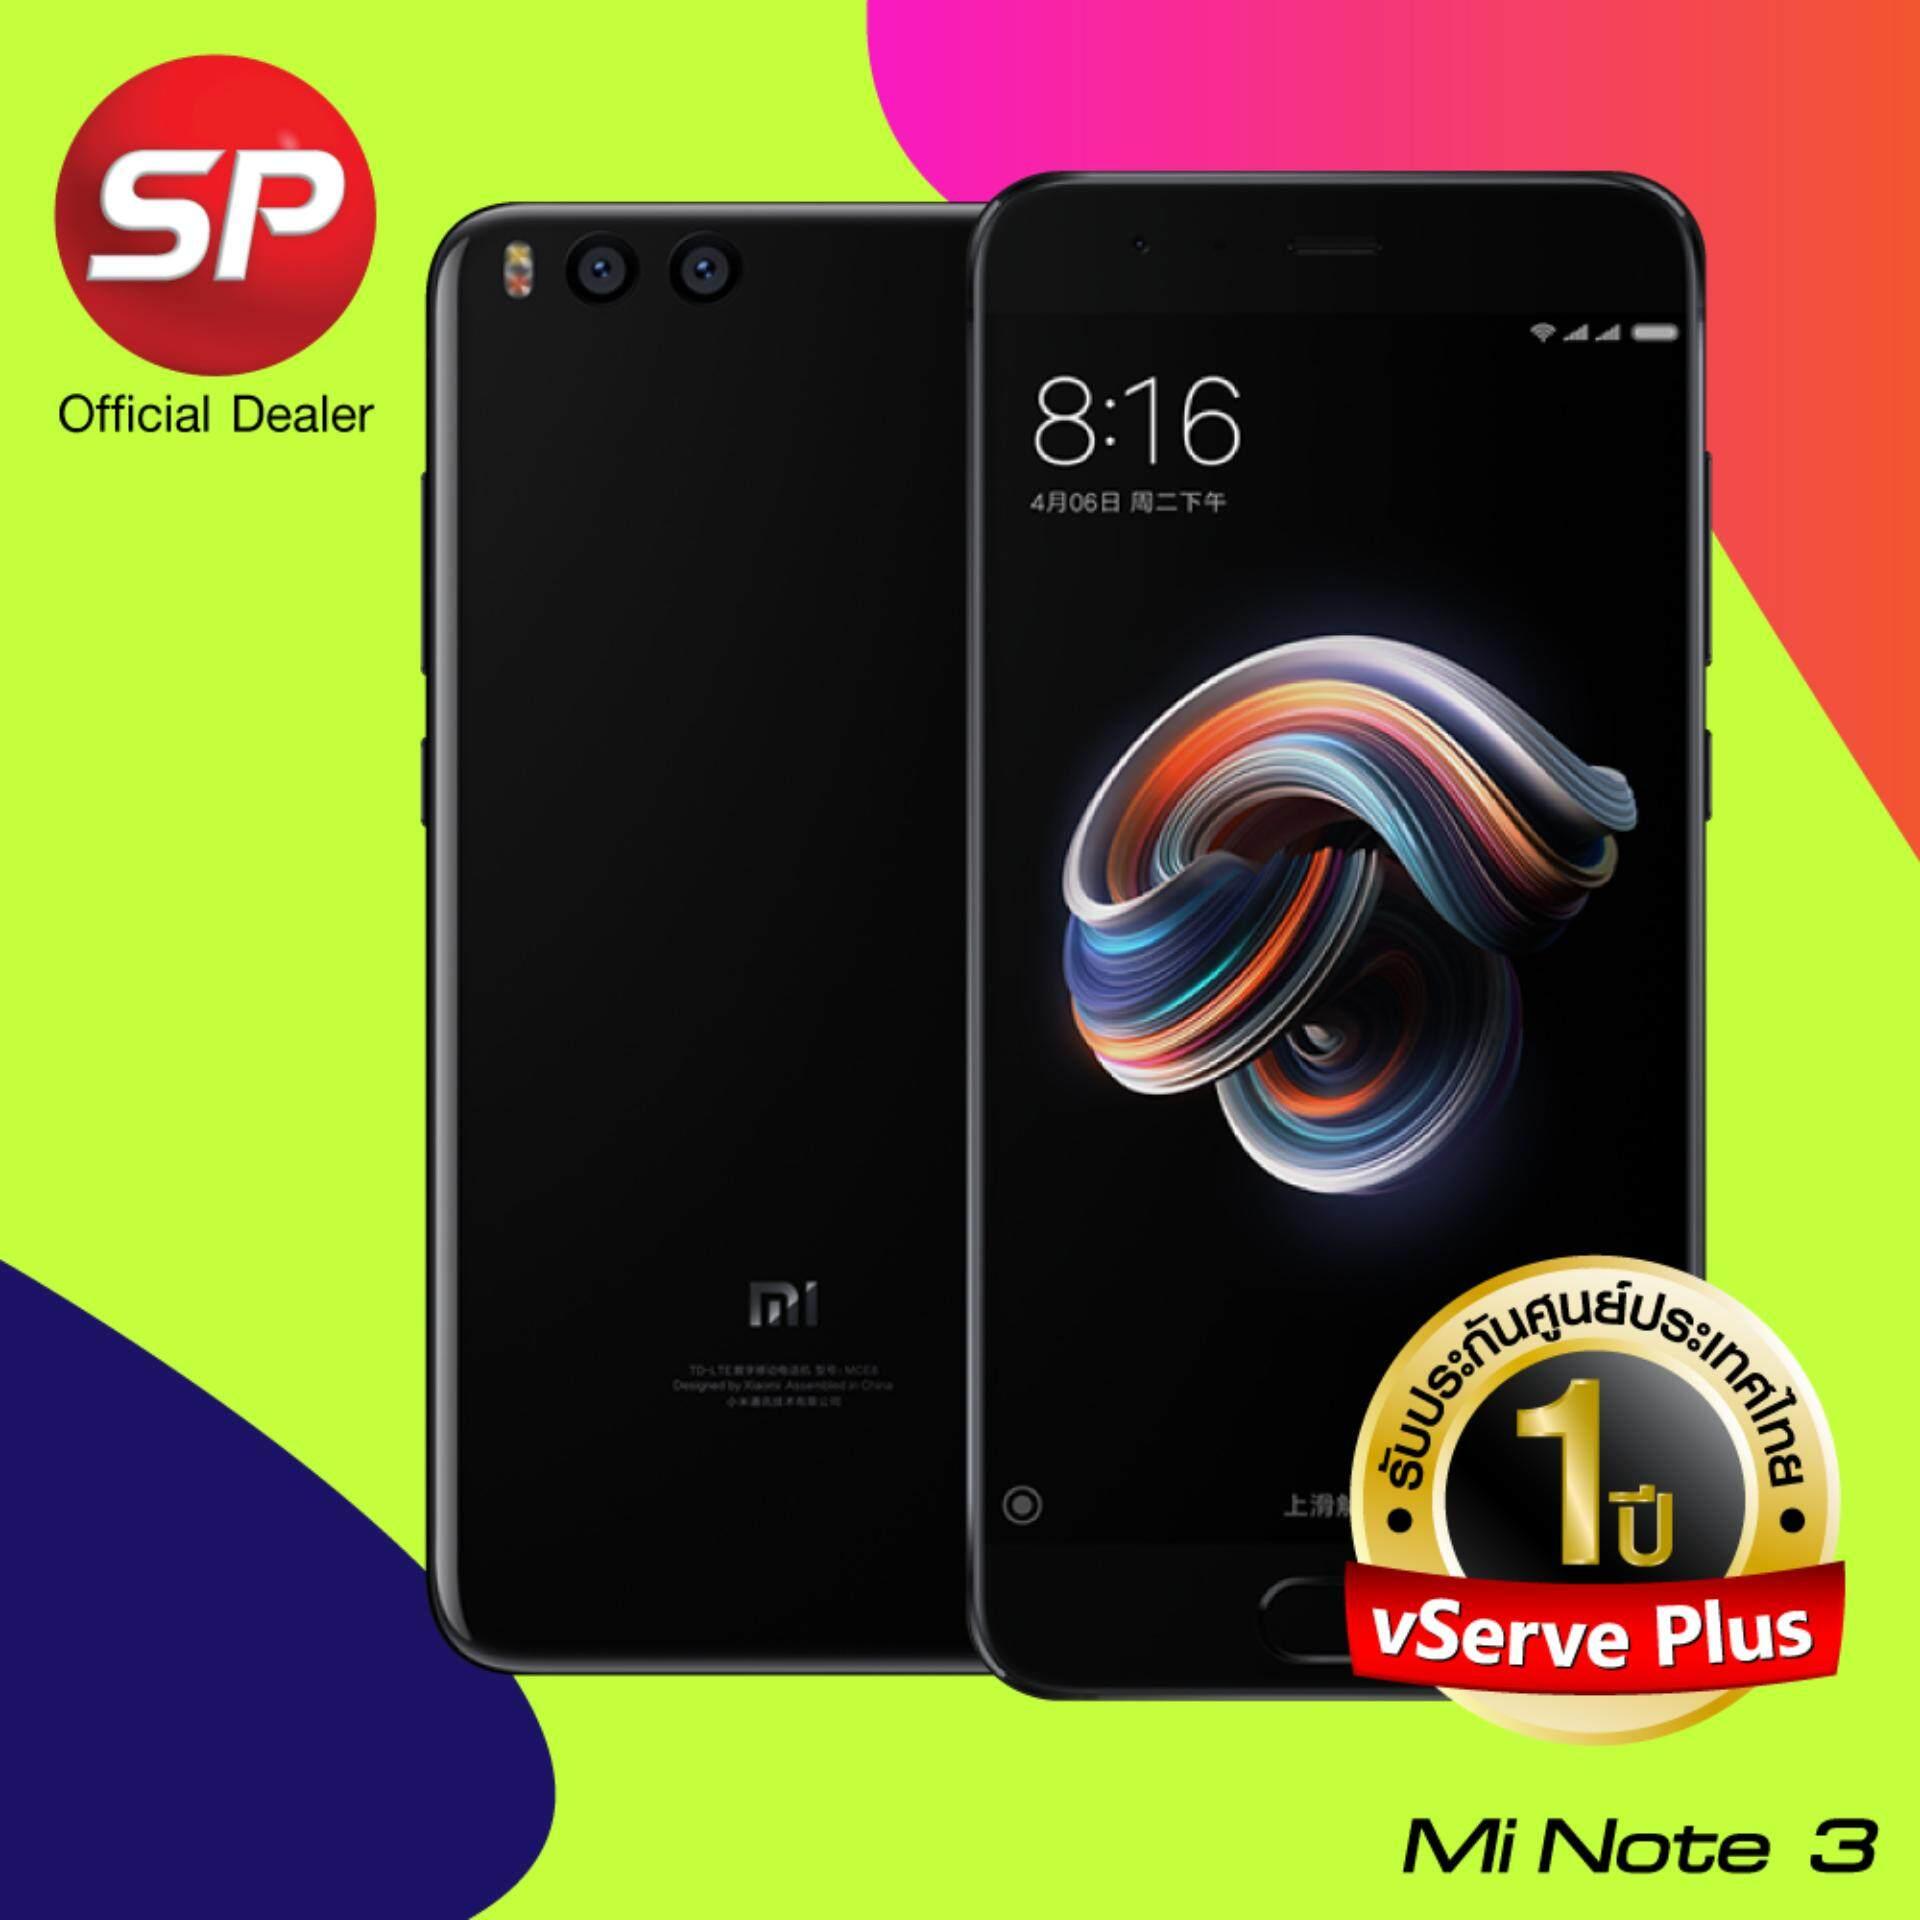 ส่วนลด สินค้า ⚡Lzb⚡ Xiaomi Mi Note 3 6 64Gb ซีพียู Snapdragon 660 อัพเดตรอมไทย Global Miui9 รับประกันศูนย์ไทย 1 ปีเต็ม